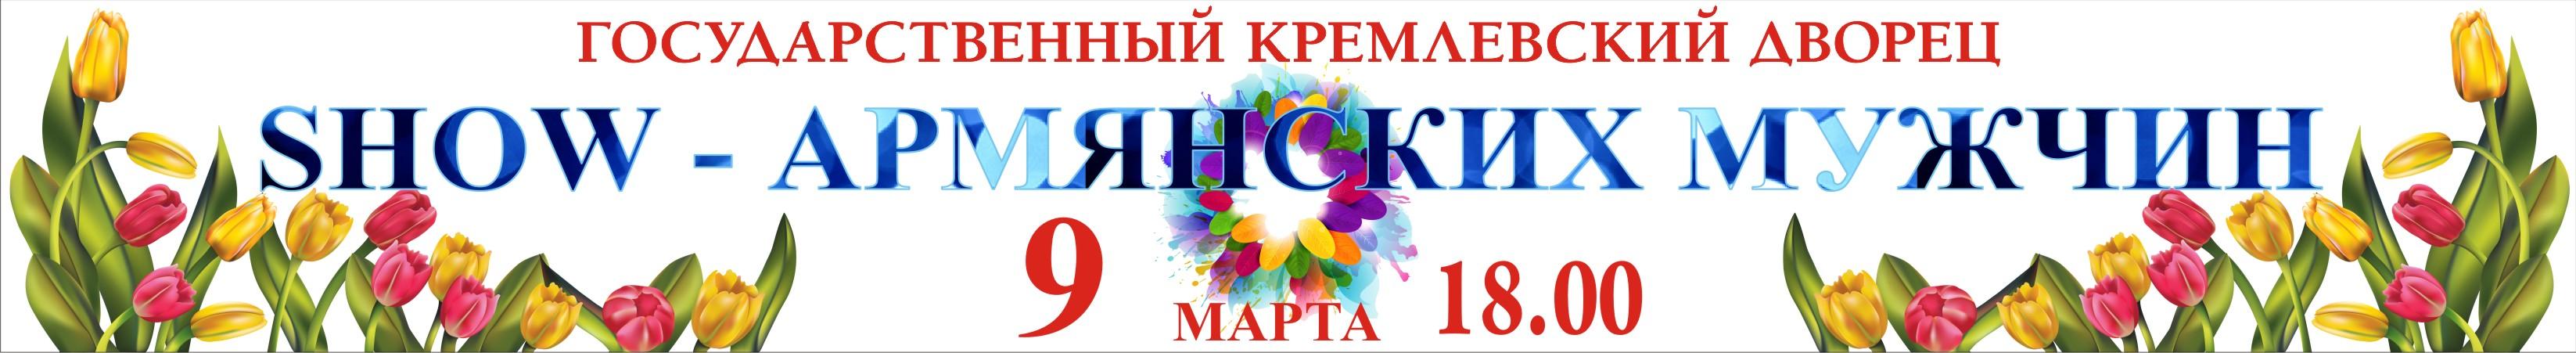 Шоу Армянских мужик, армняский концерт в Кремле 9 марта 2015г.